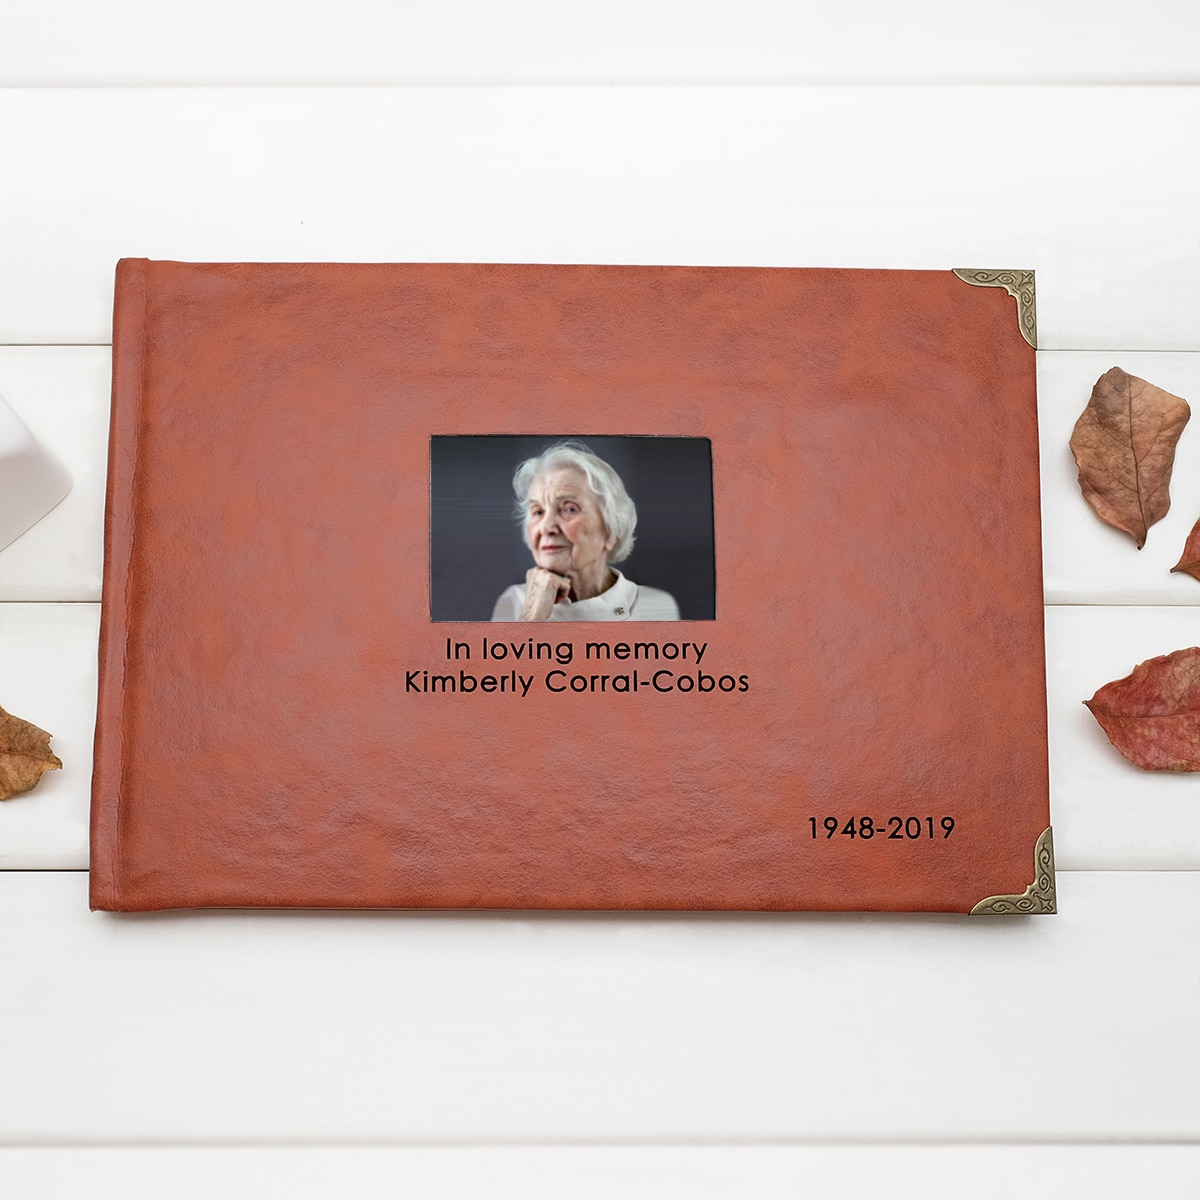 Фото - Персонализированная книга для фотографий, книга для похорон, книга для воспоминания, книга для влюбленных воспоминаний, пользовательская к... книга